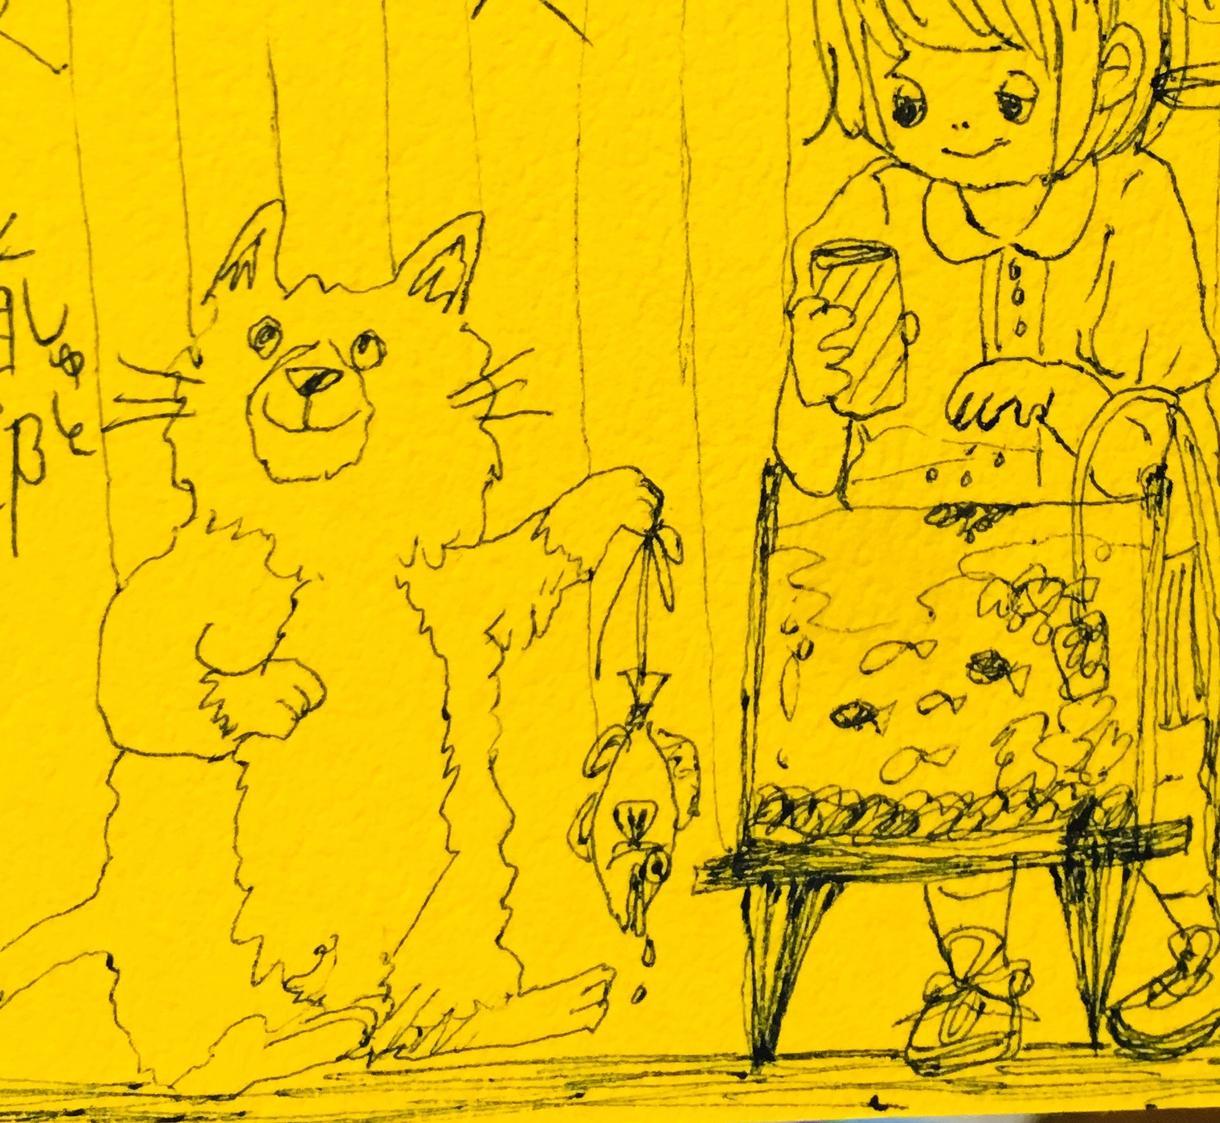 ペットやお好きな動物のイラストを描きます ペットの似顔絵や動物の挿絵が欲しい方にオススメ!